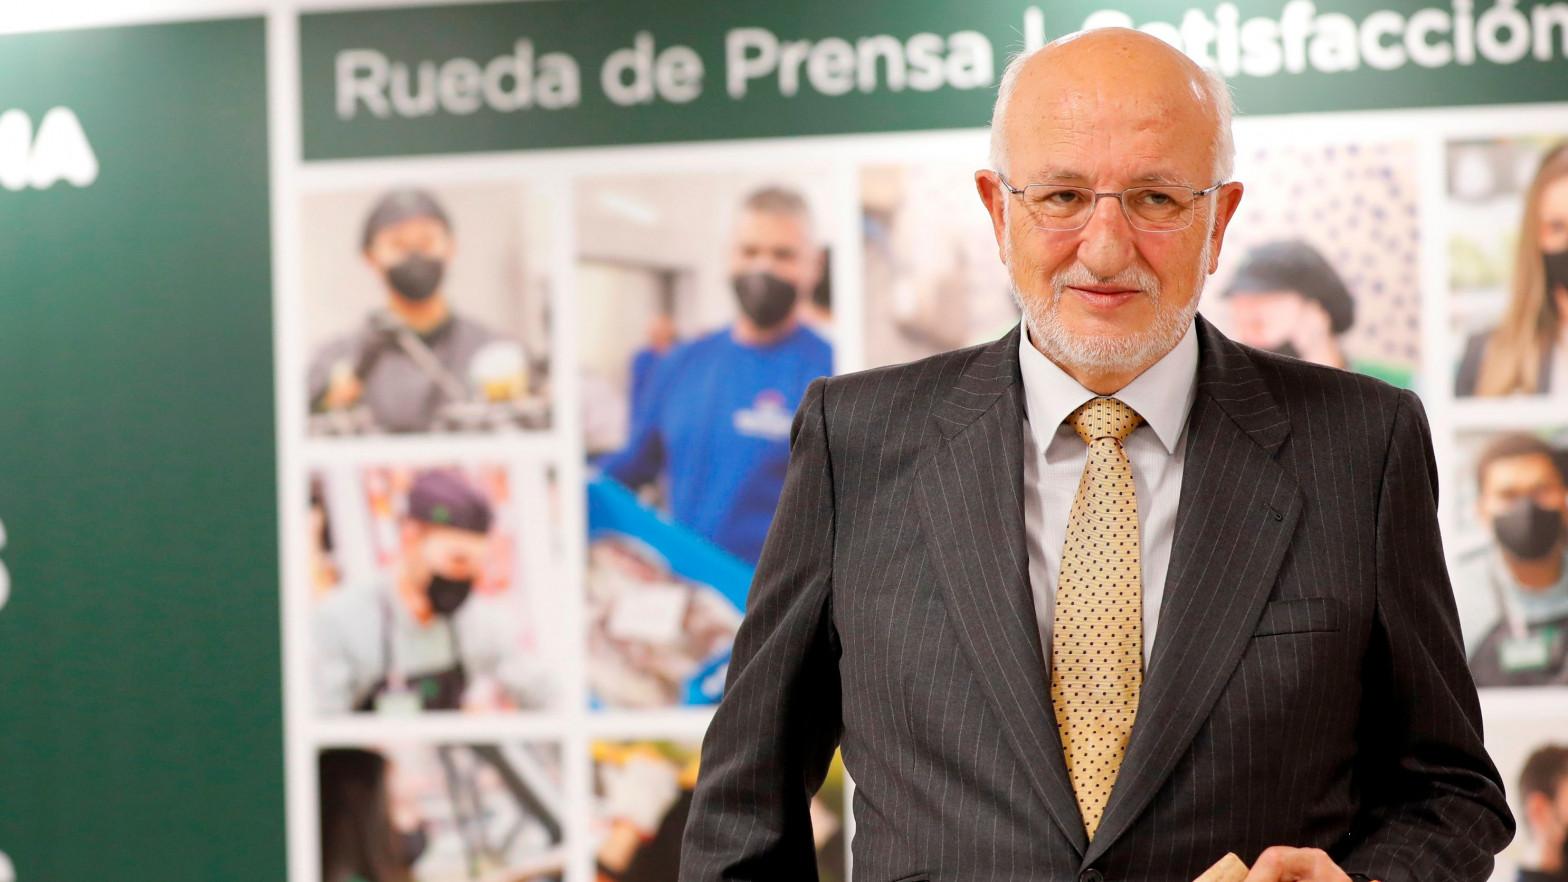 """El recado de Juan Roig al Gobierno y las comunidades autónomas: """"No nos pongan palos en las ruedas"""""""